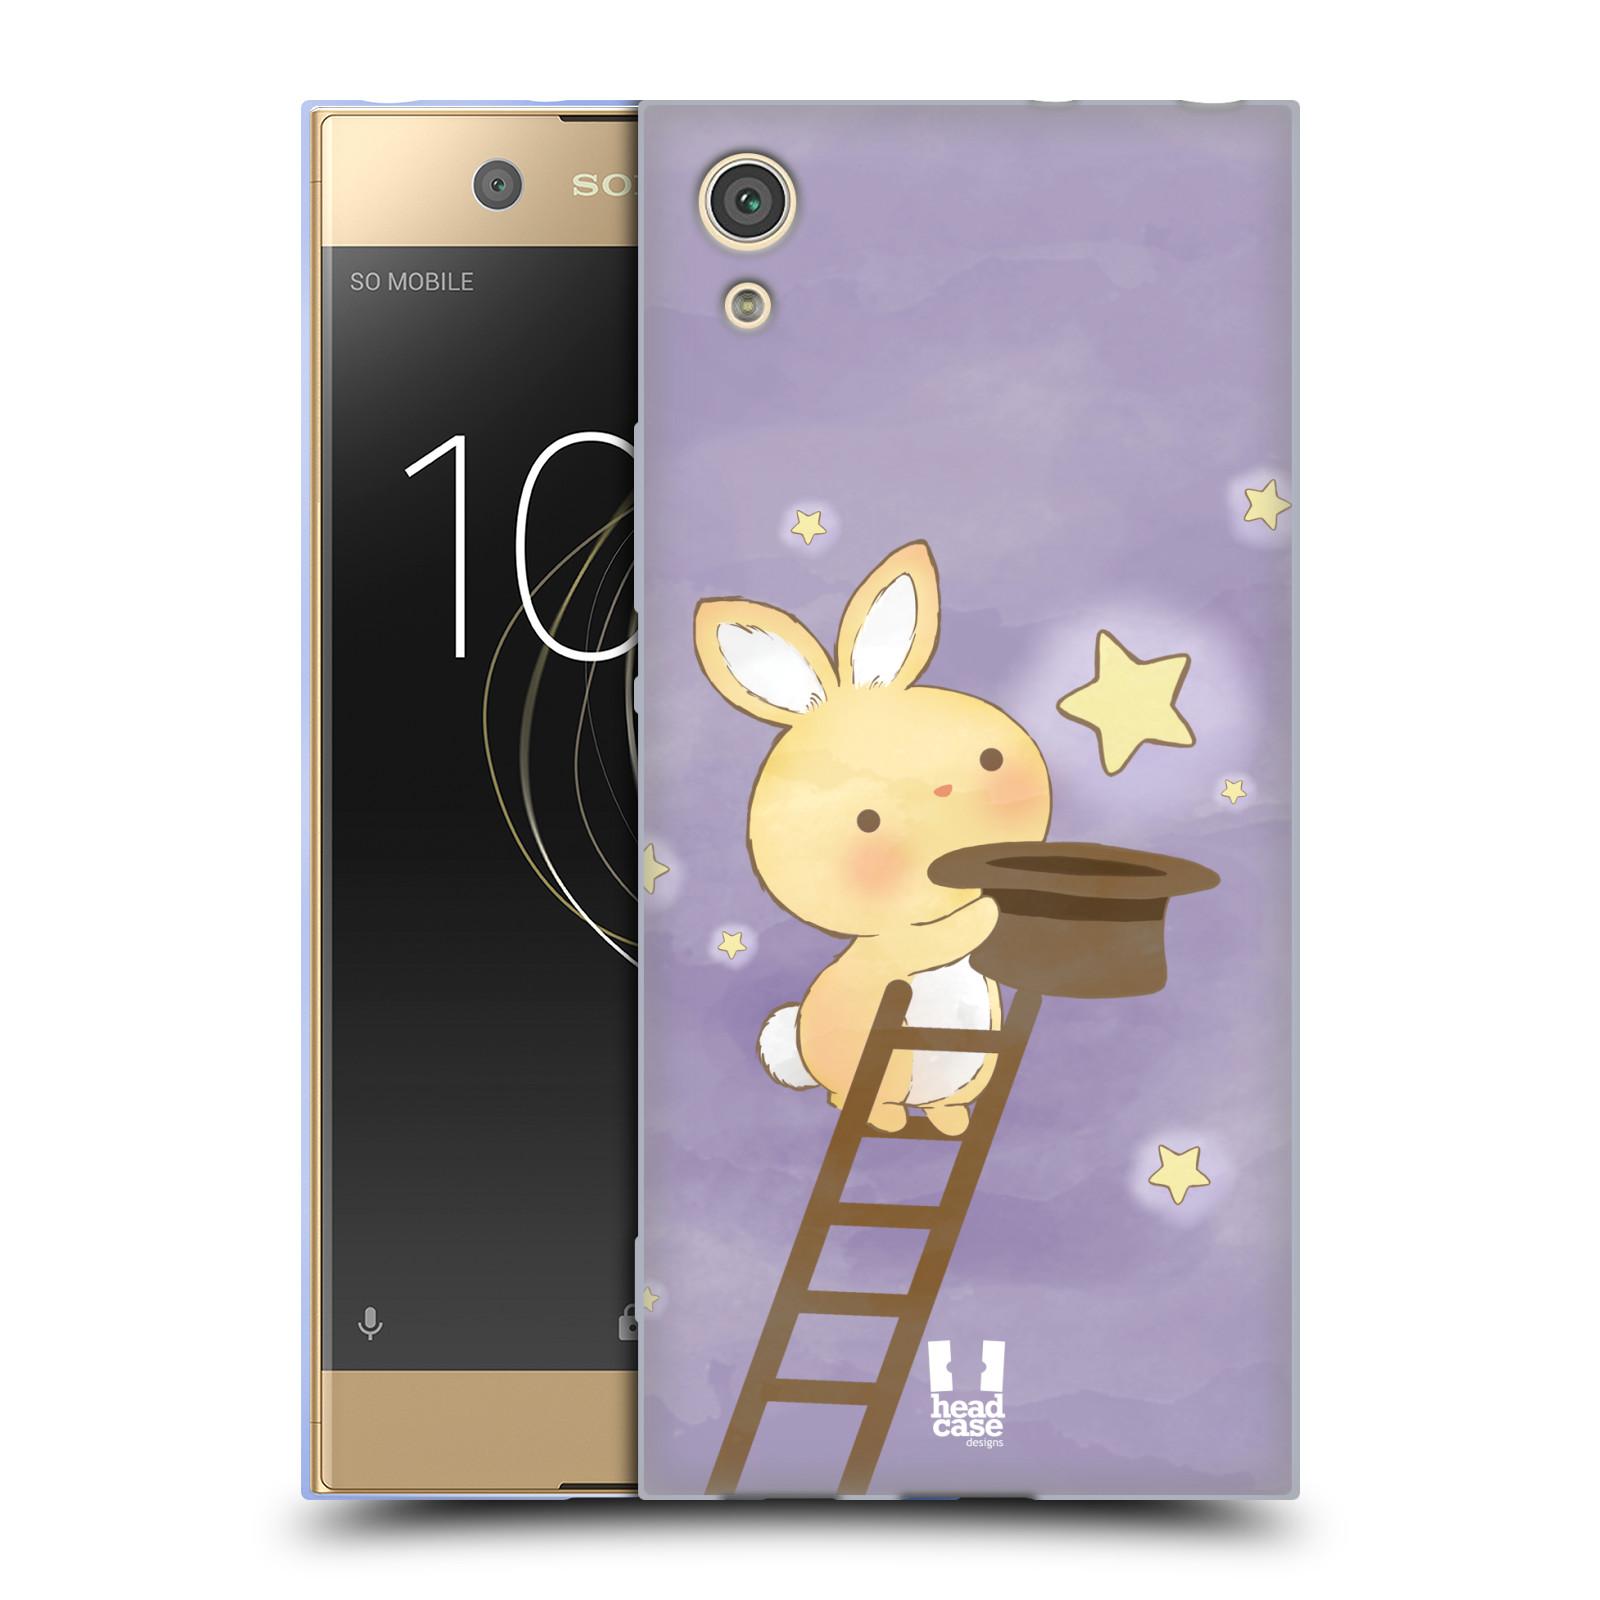 HEAD CASE silikonový obal na mobil Sony Xperia XA1 / XA1 DUAL SIM vzor králíček a hvězdy fialová